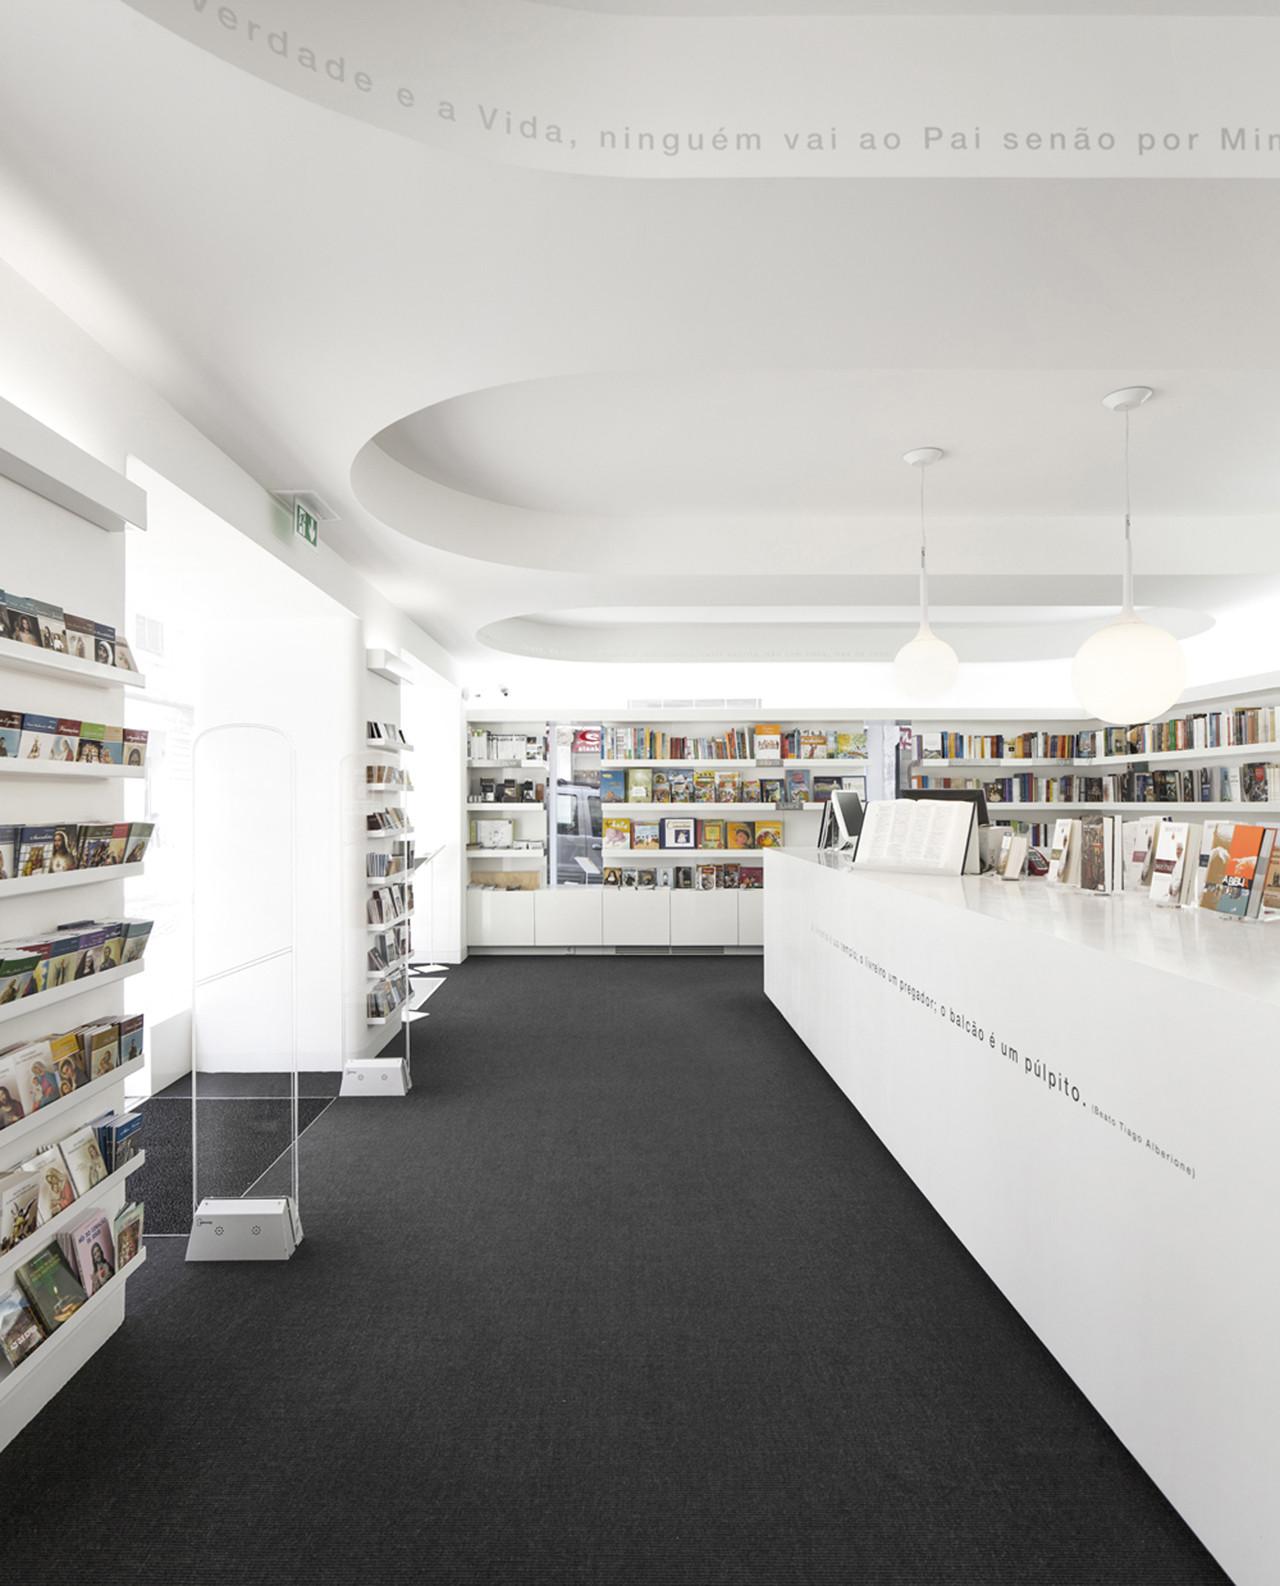 Paulus Bookshop / Site Specific Arquitectura